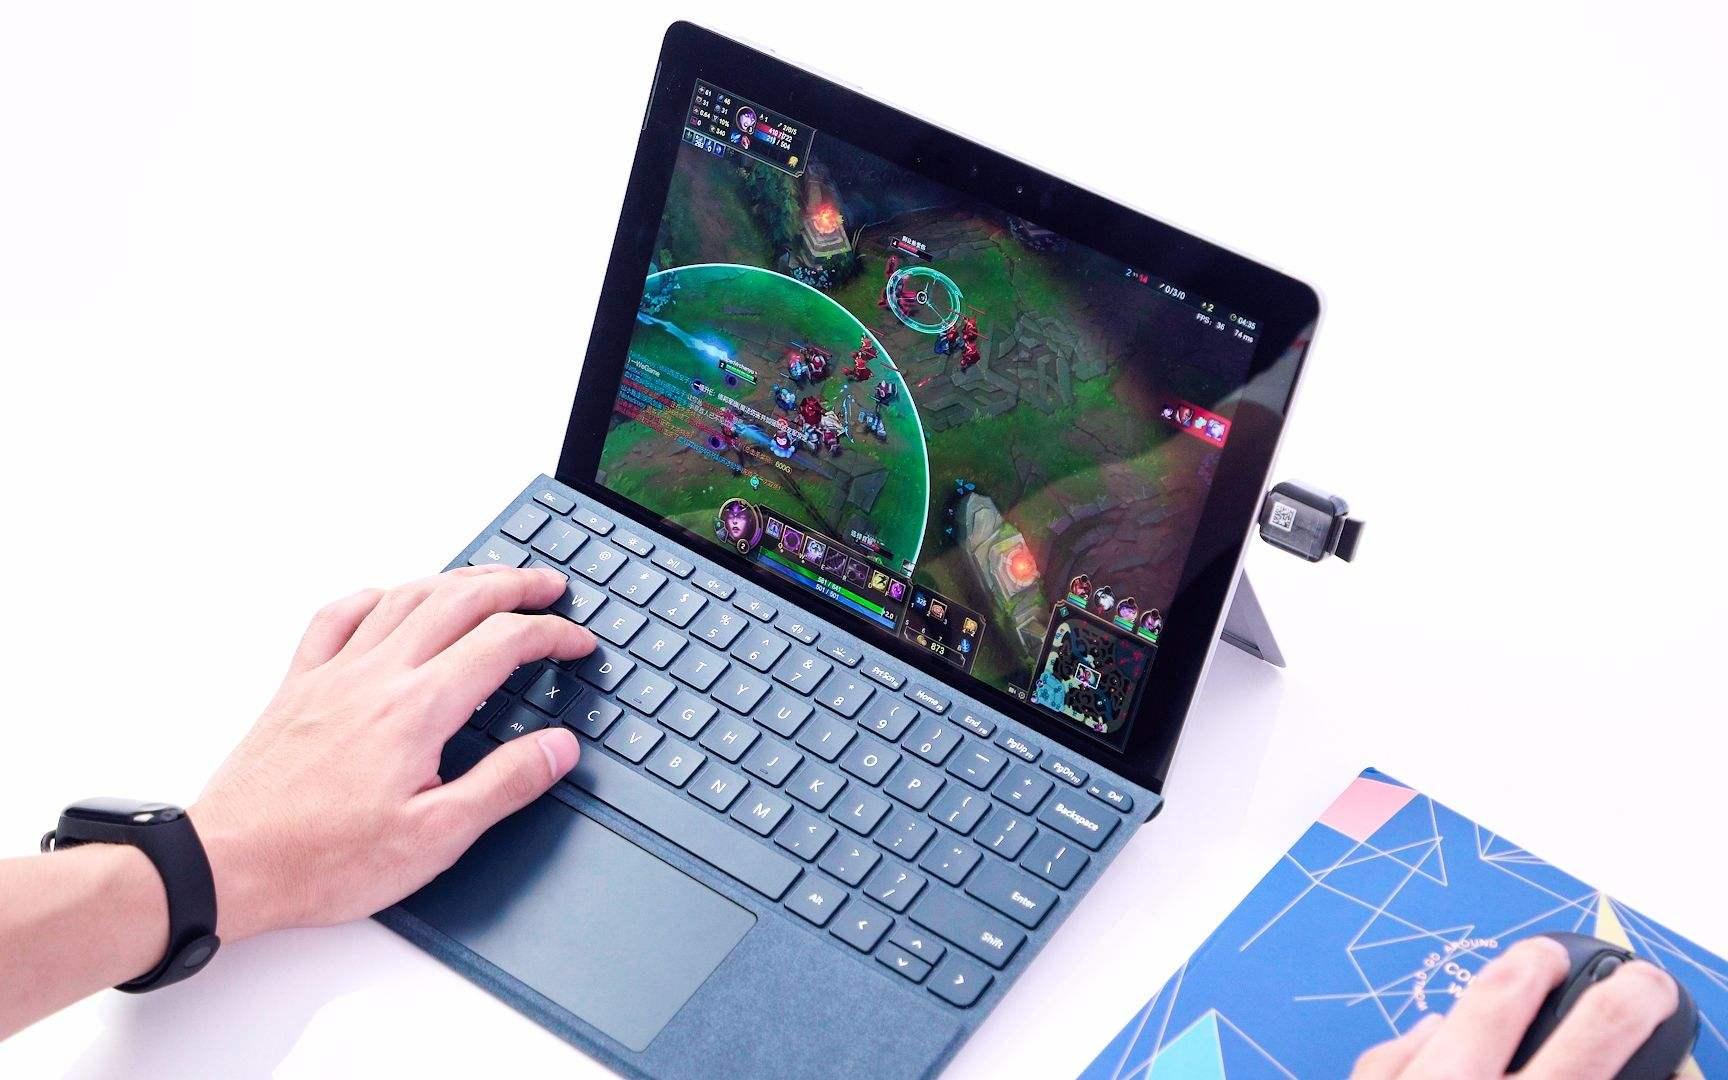 微软打造的新品!最实惠的Surface曝光:CPU升级  售价约合人民币4600元